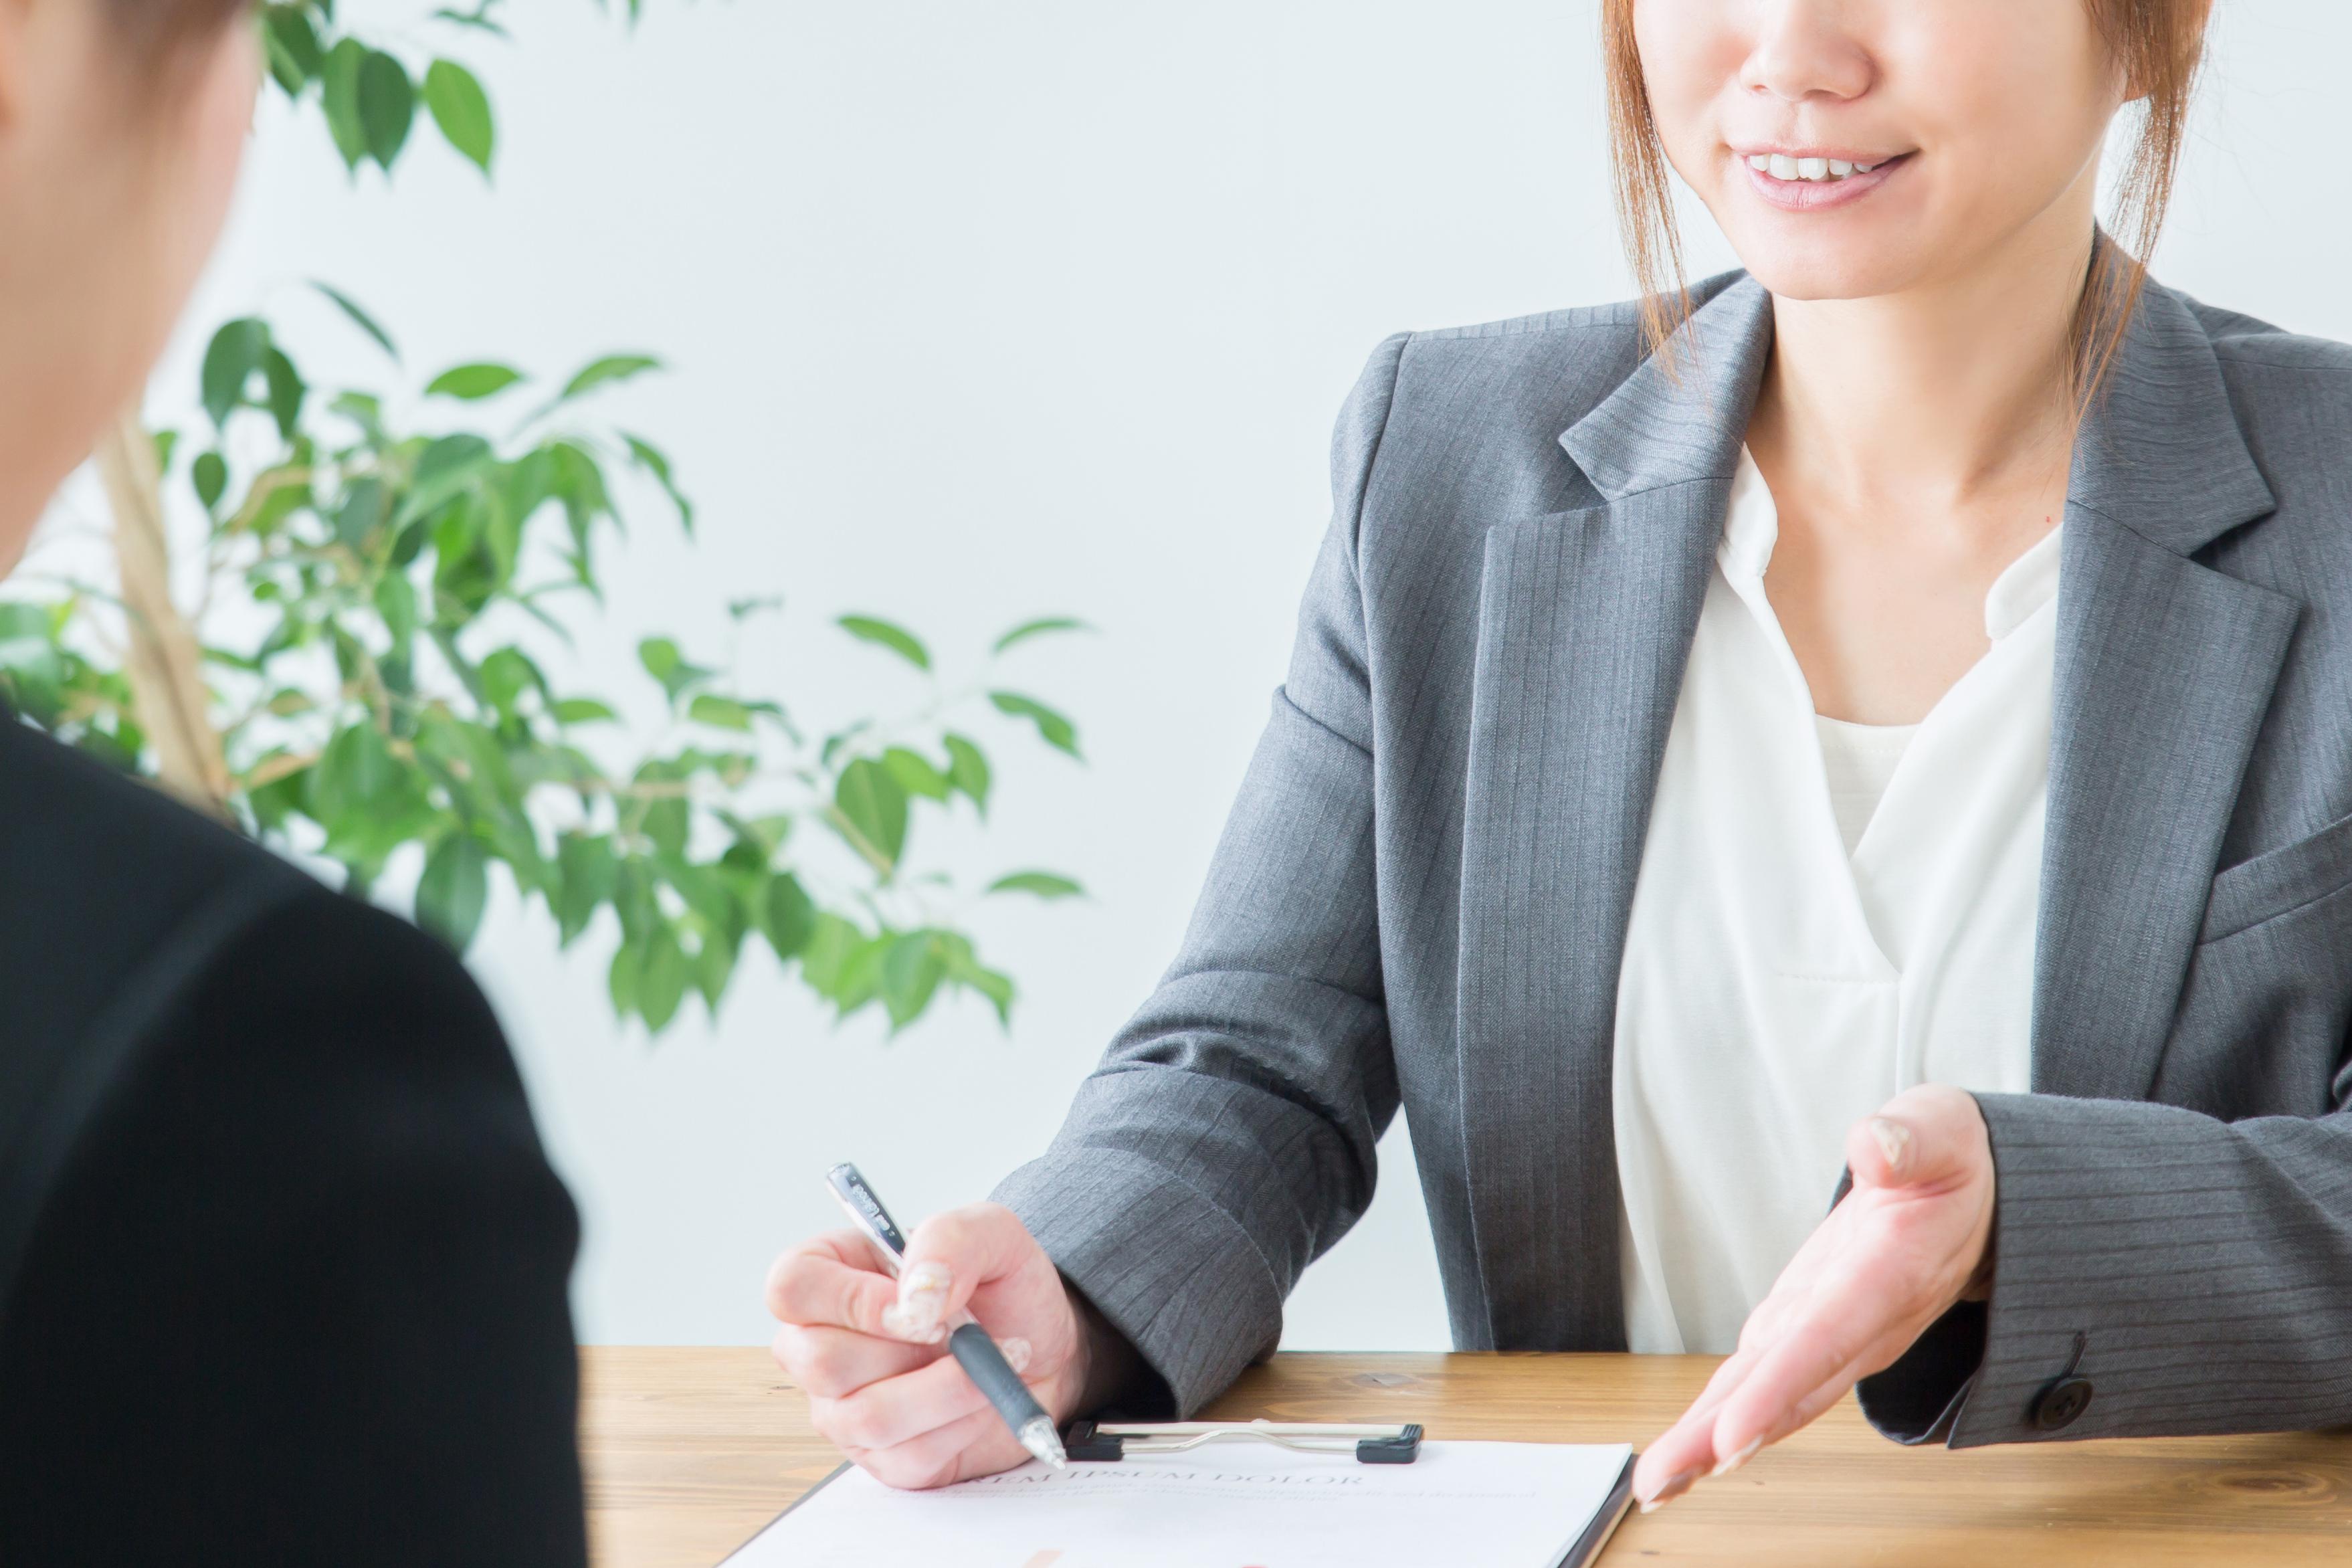 未経験でも女性スタッフによる安心のサポート体制